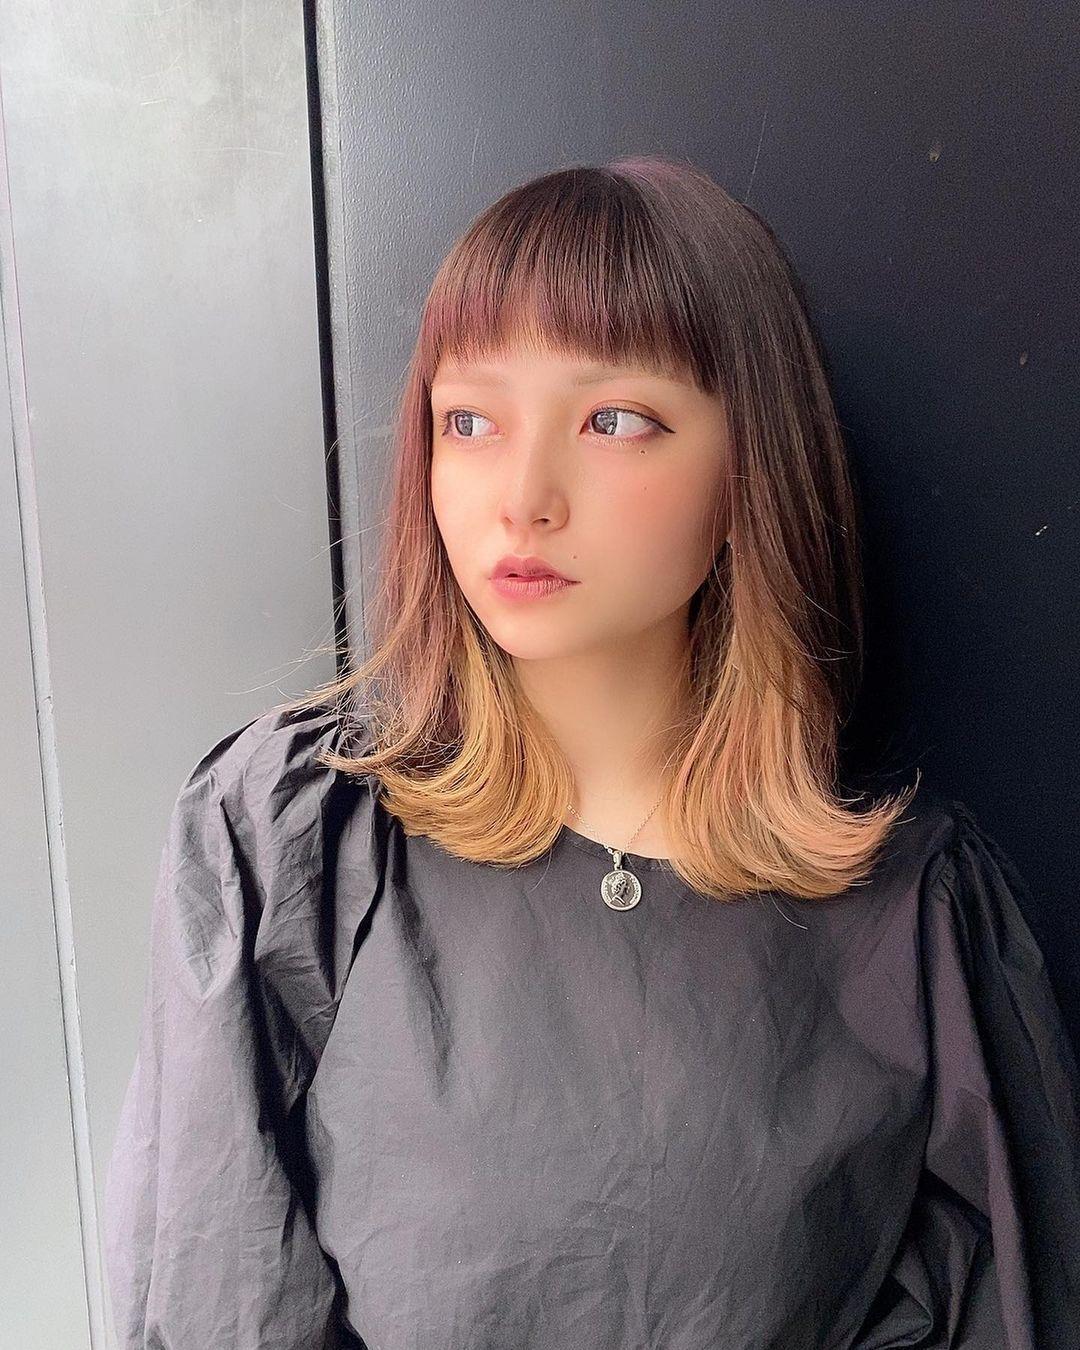 今年刚高中毕业 18 岁美少女樱井音乃身材整个无敌 网络美女 第10张